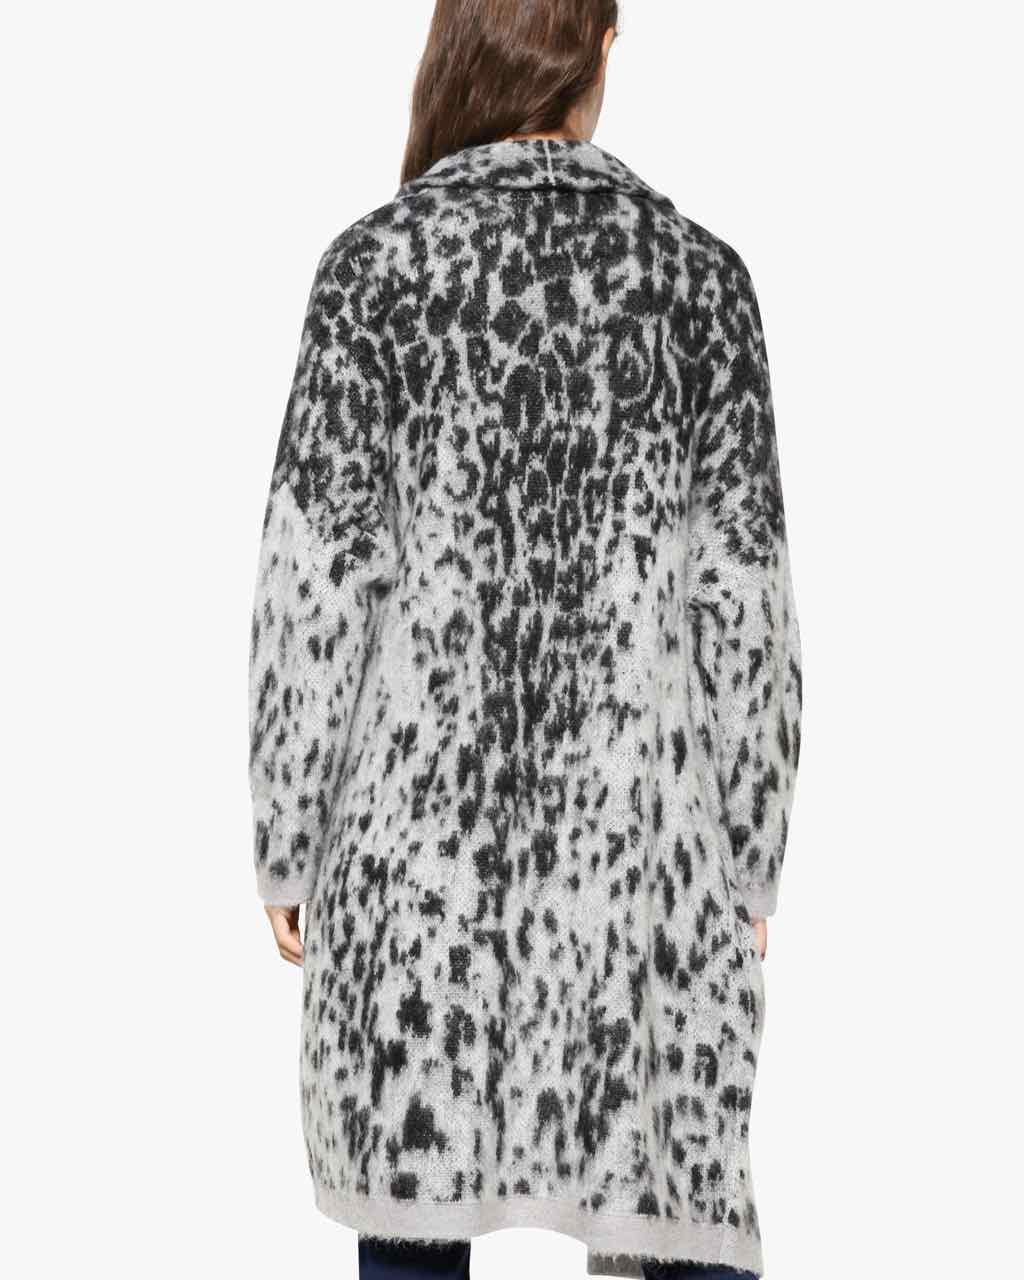 Desigual Cardigan Jacket Grey Leopard 17wwjfc Vest With